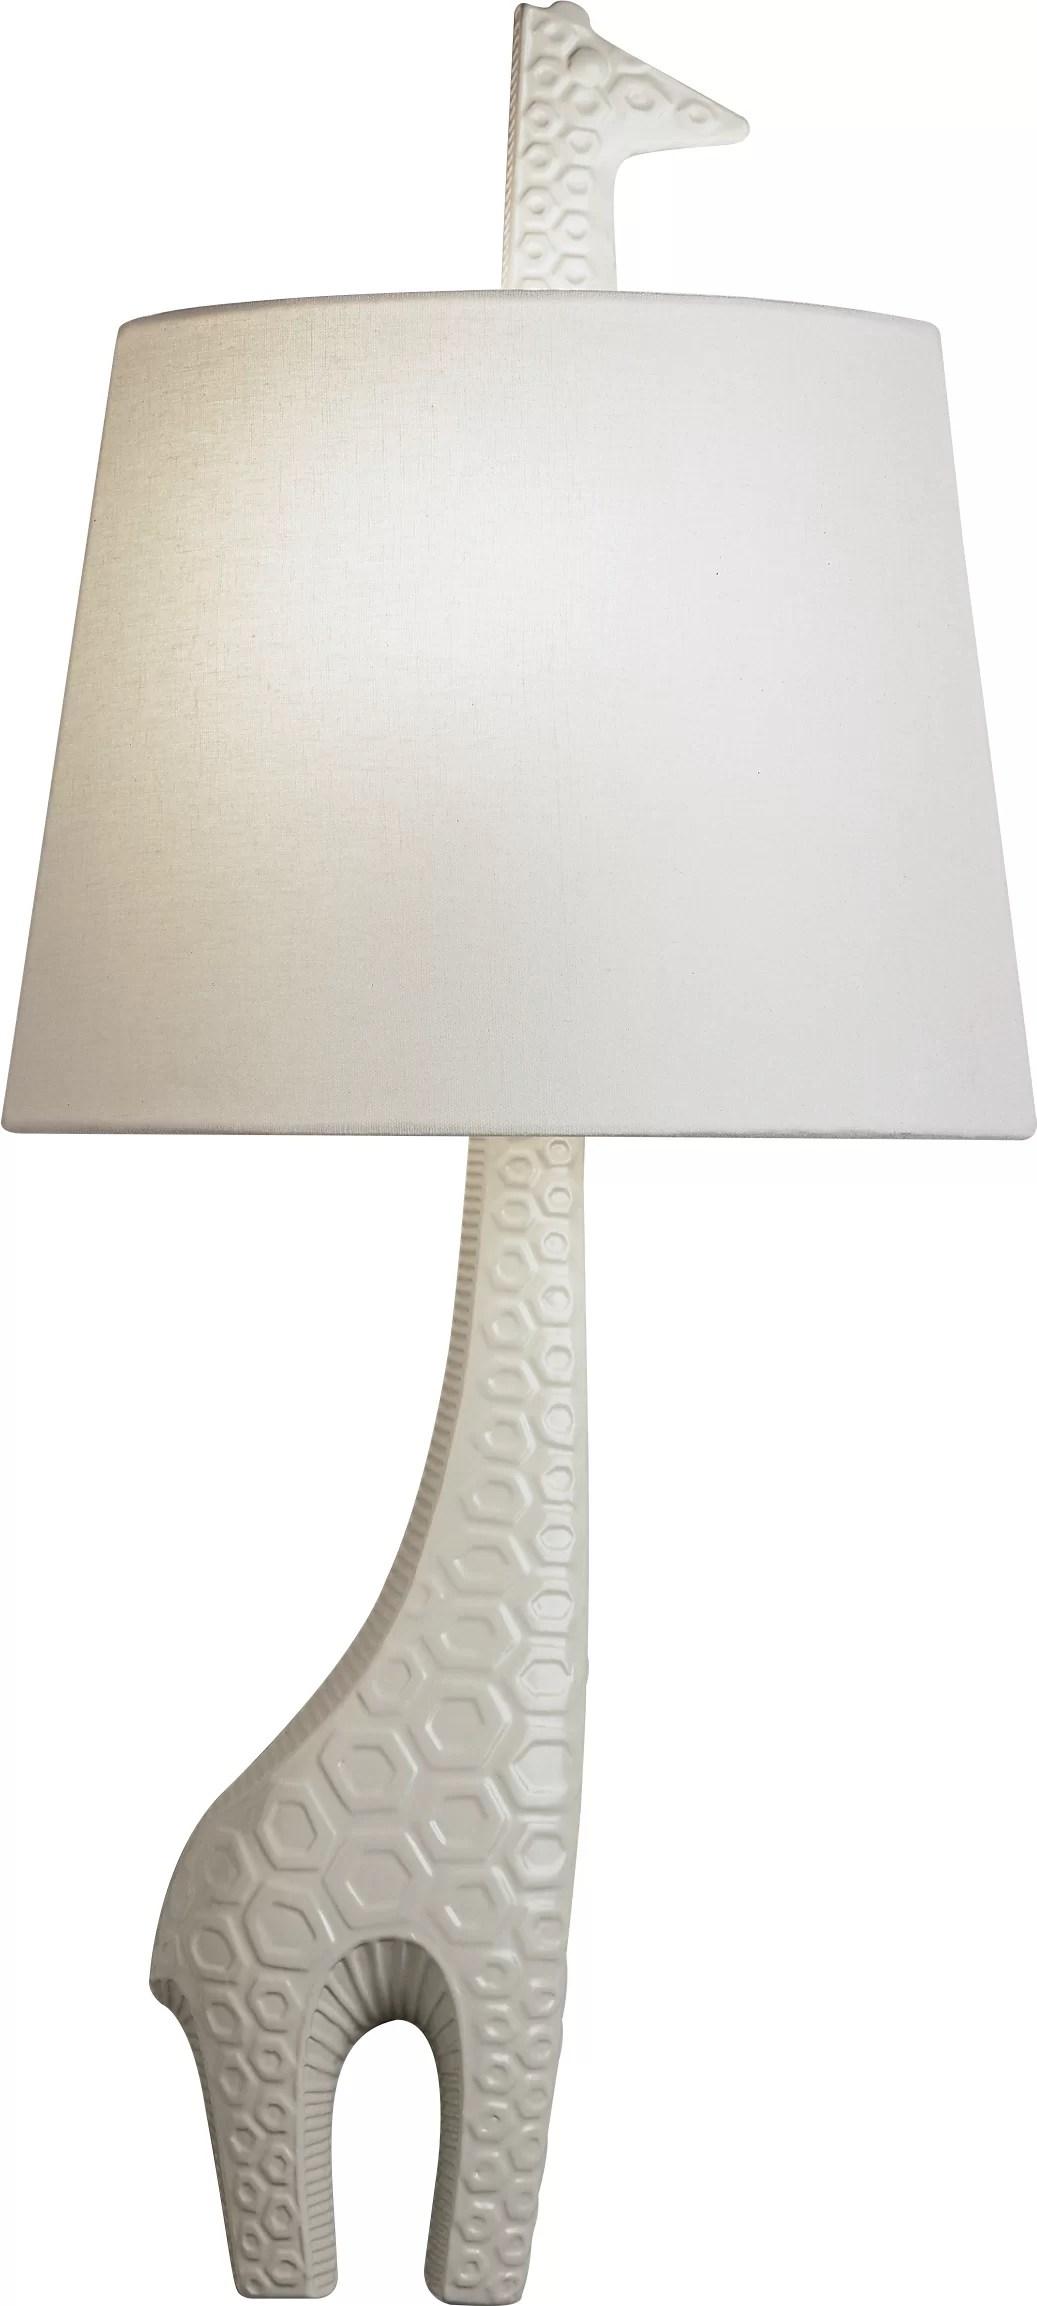 right facing giraffe 1 light wall sconce